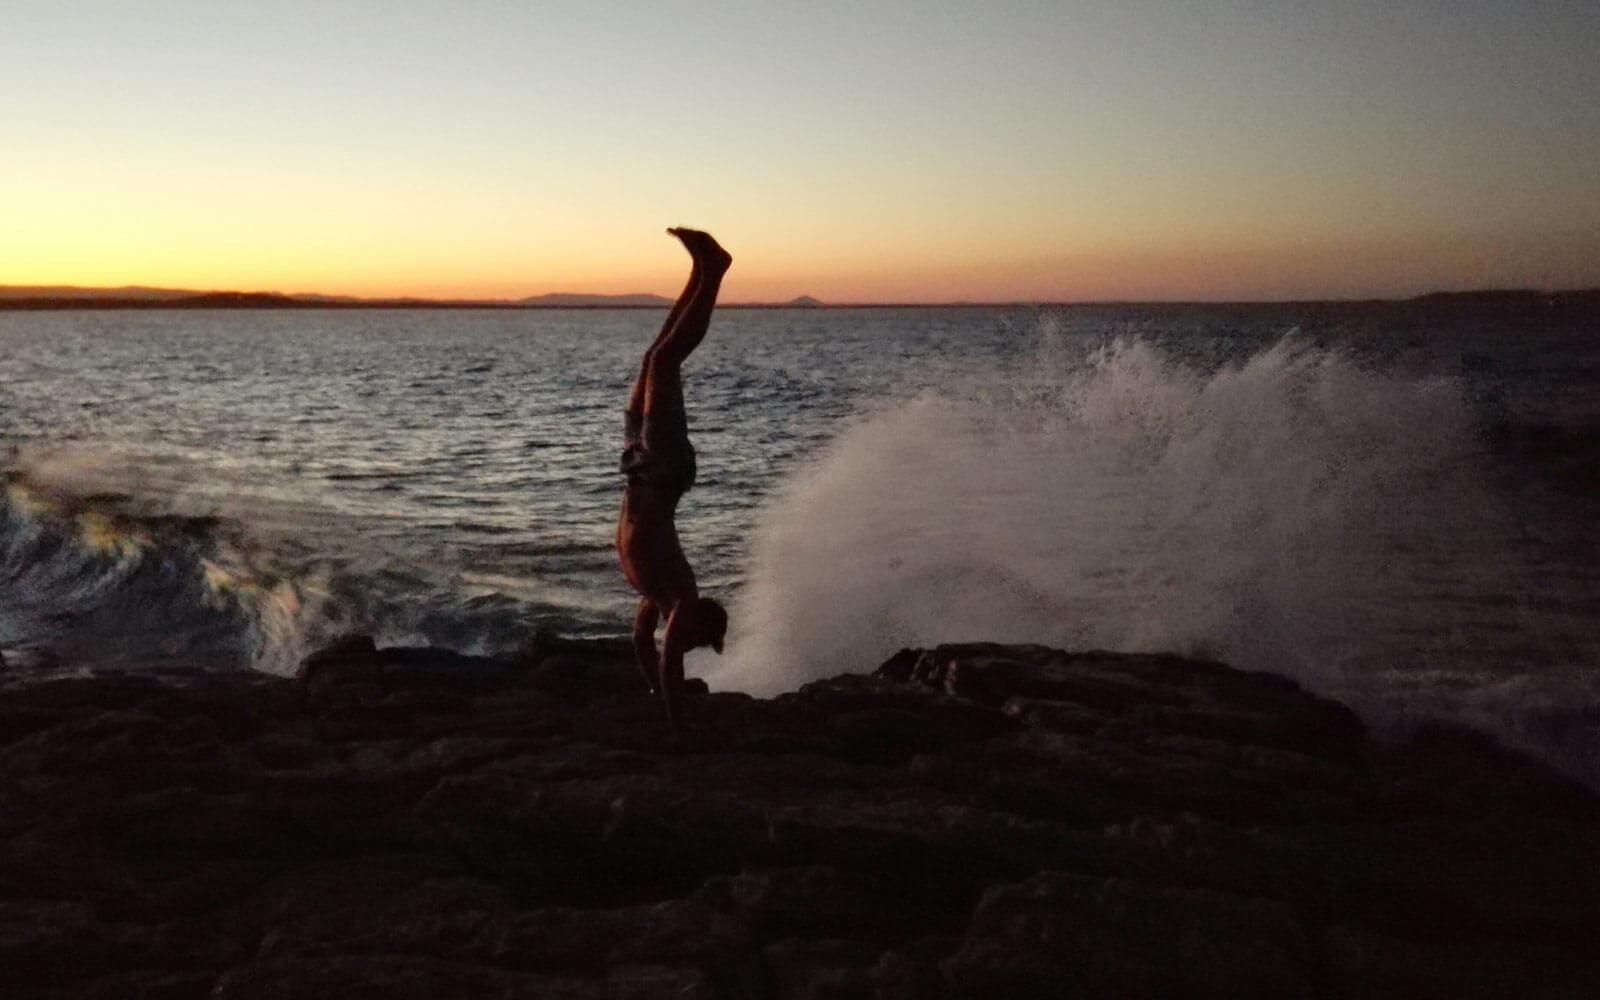 Paul macht einen Handstand am Strand